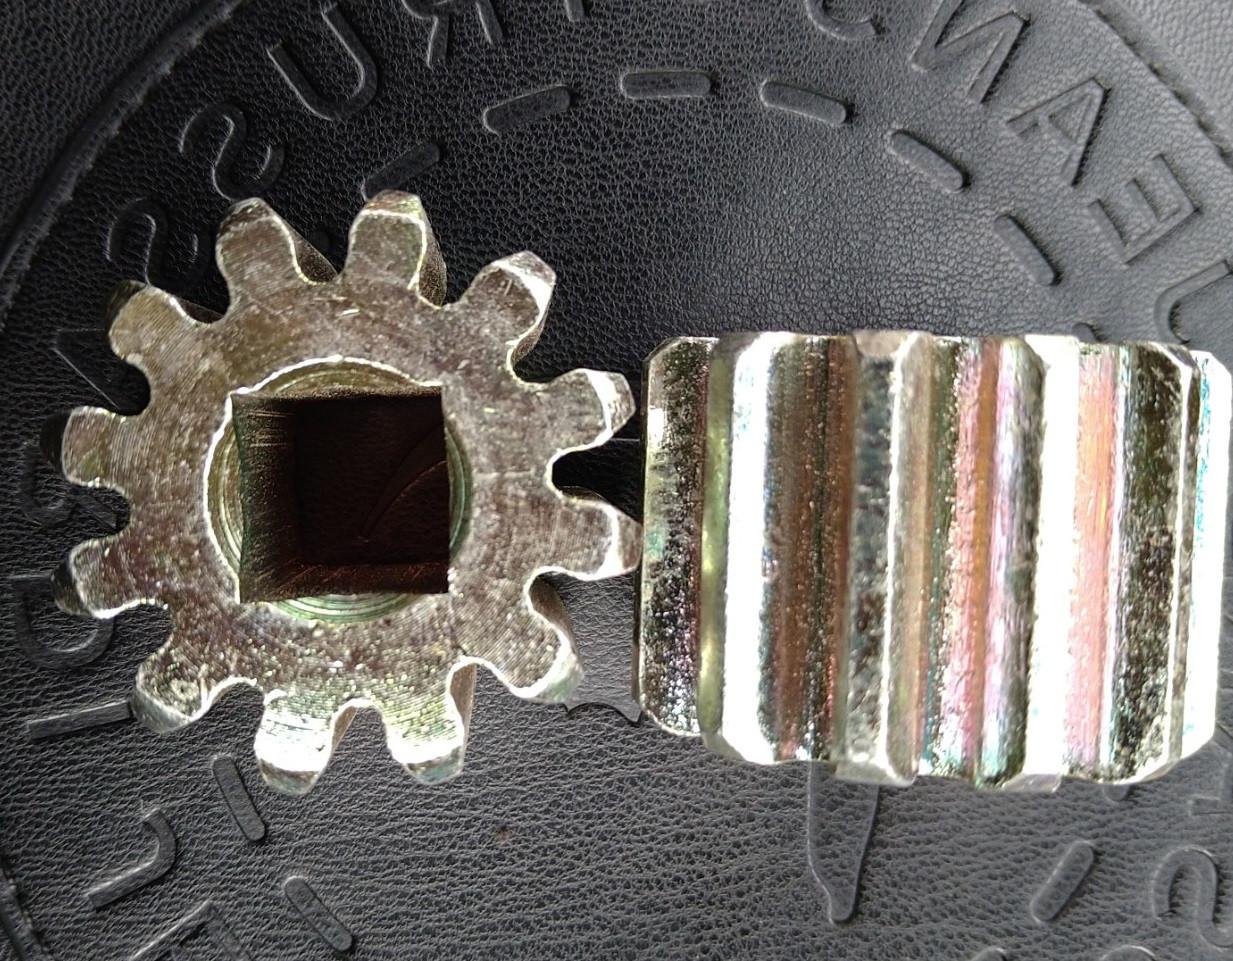 Звездочка (шестерня) под ключ чироз, оригинал Турция, четырехгранная шестеренка ремонта черос